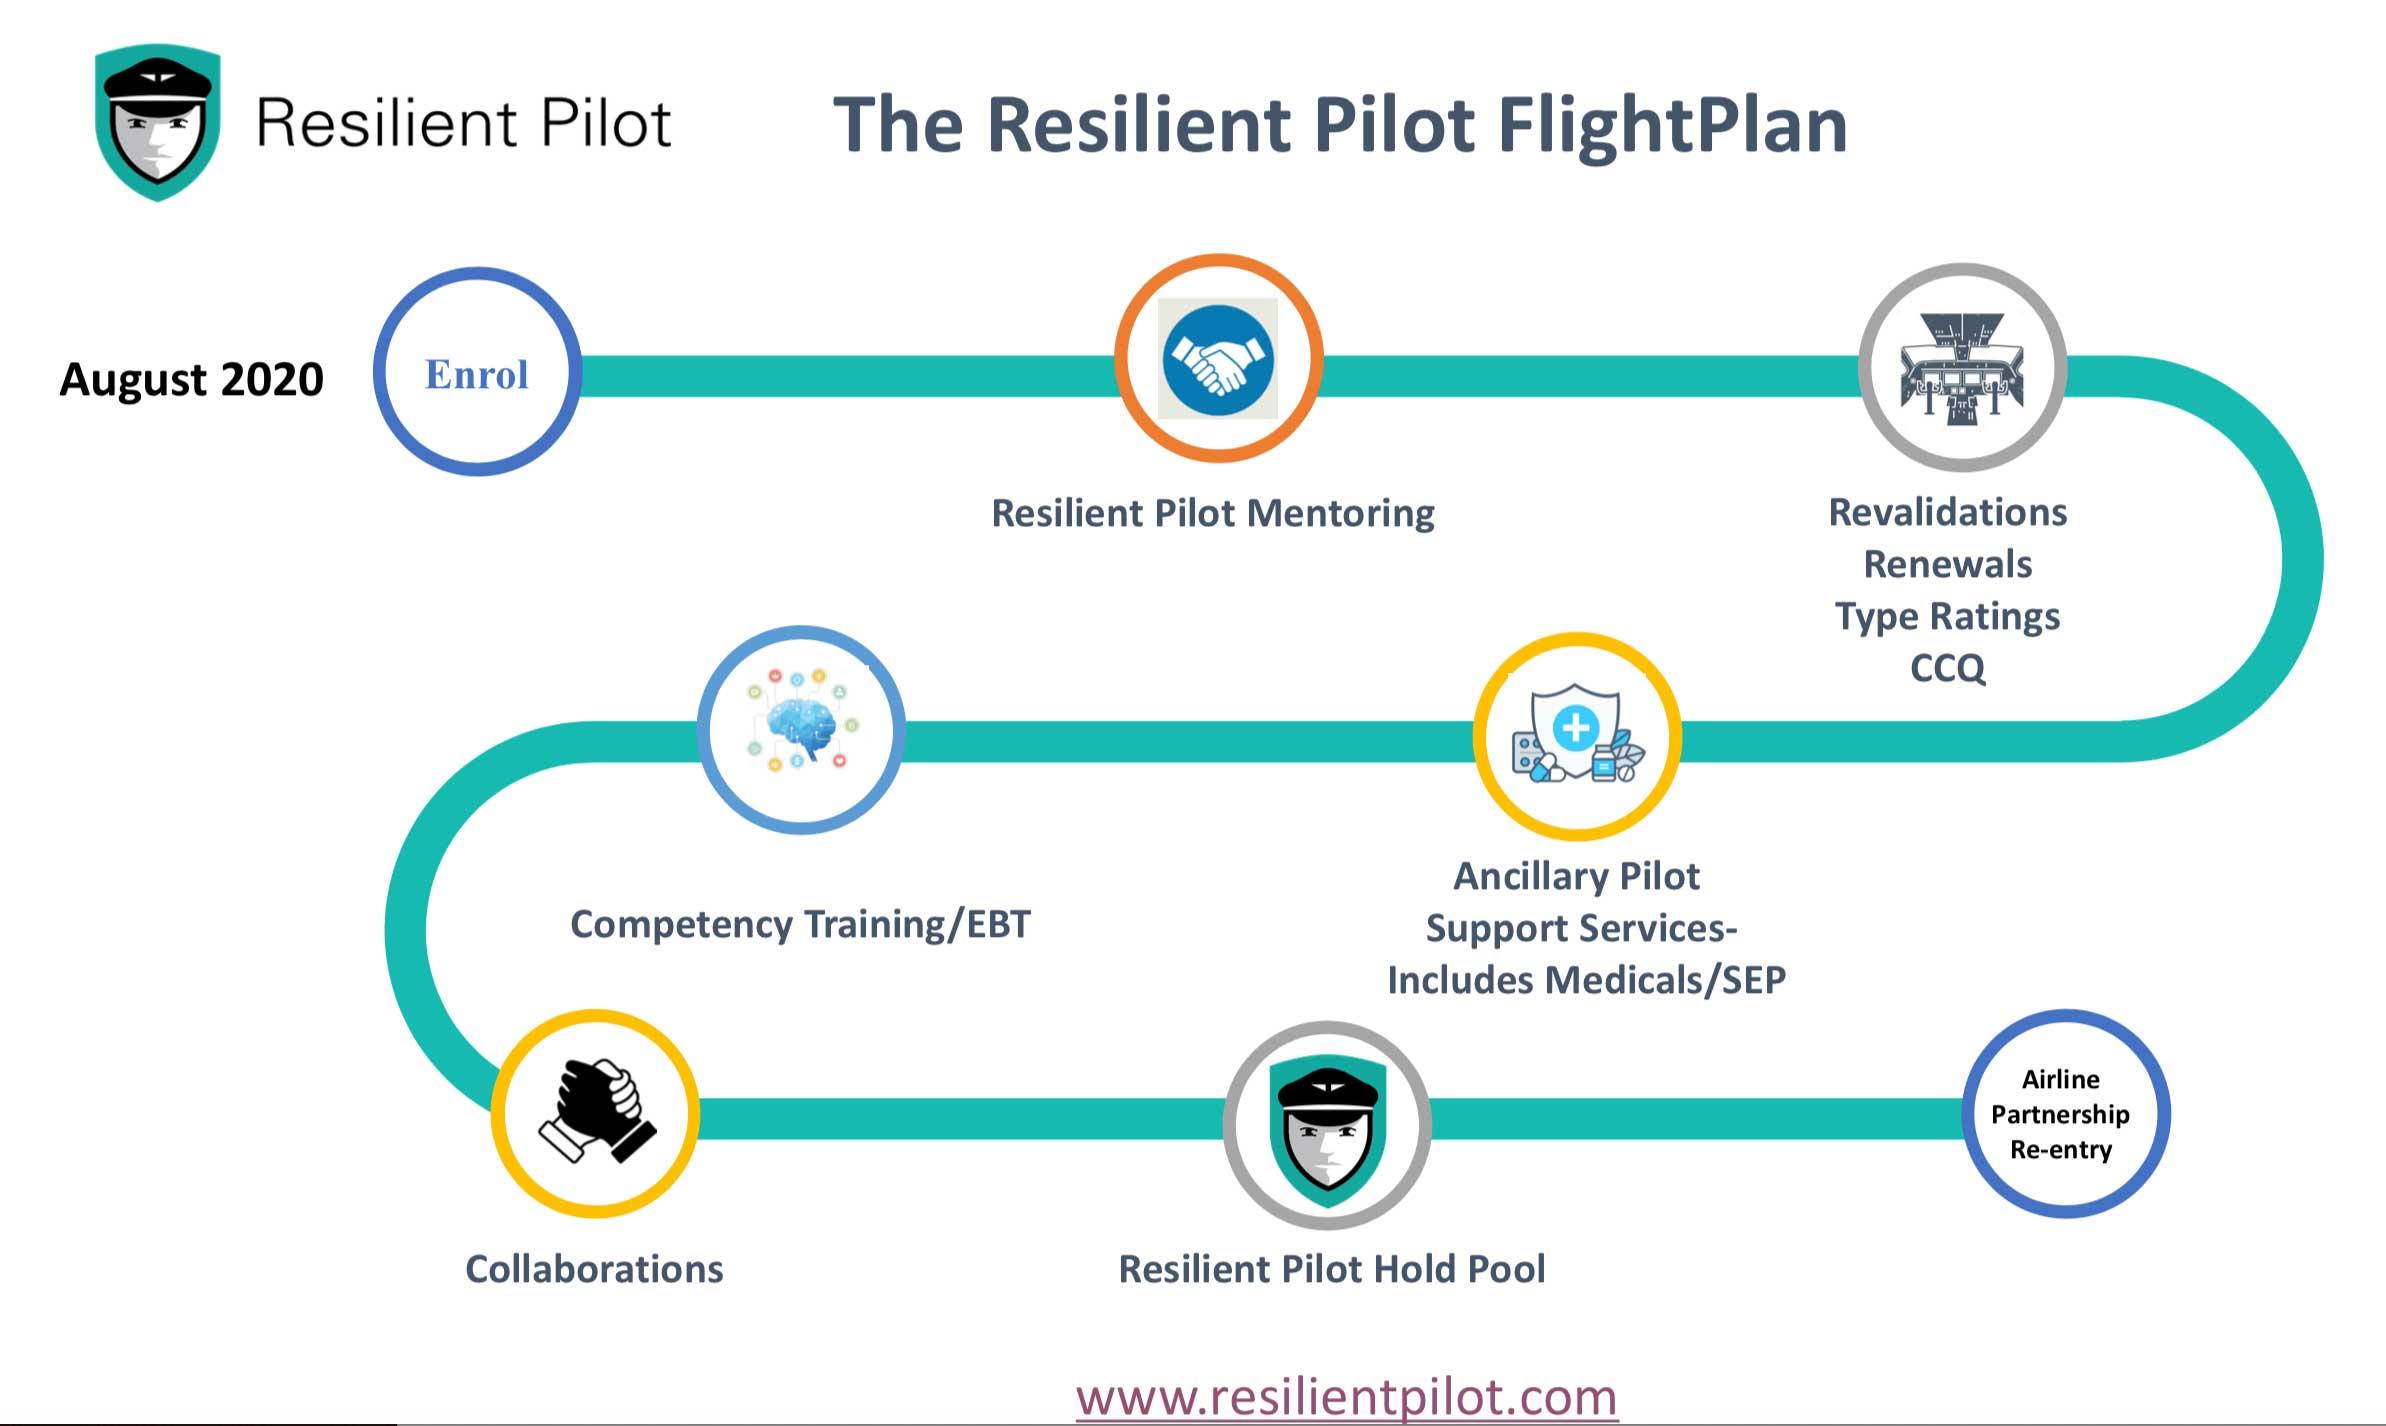 Resilient Pilot Flightplan